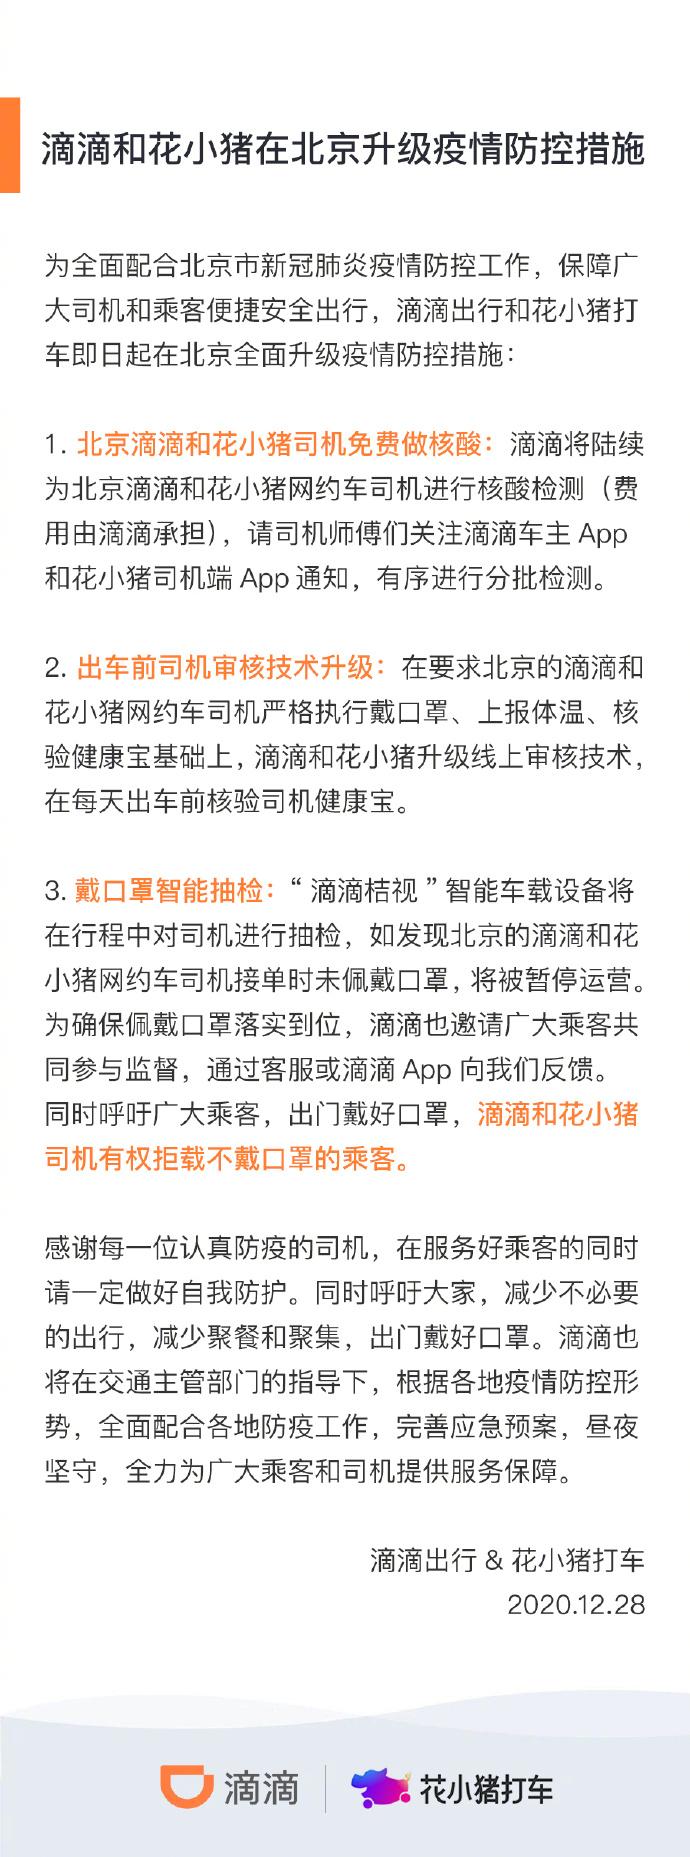 滴滴出行:提醒所有的乘客朋友们能够做好自我防护,乘车时全程佩戴口罩-玩懂手机网 - 玩懂手机第一手的手机资讯网(www.wdshouji.com)